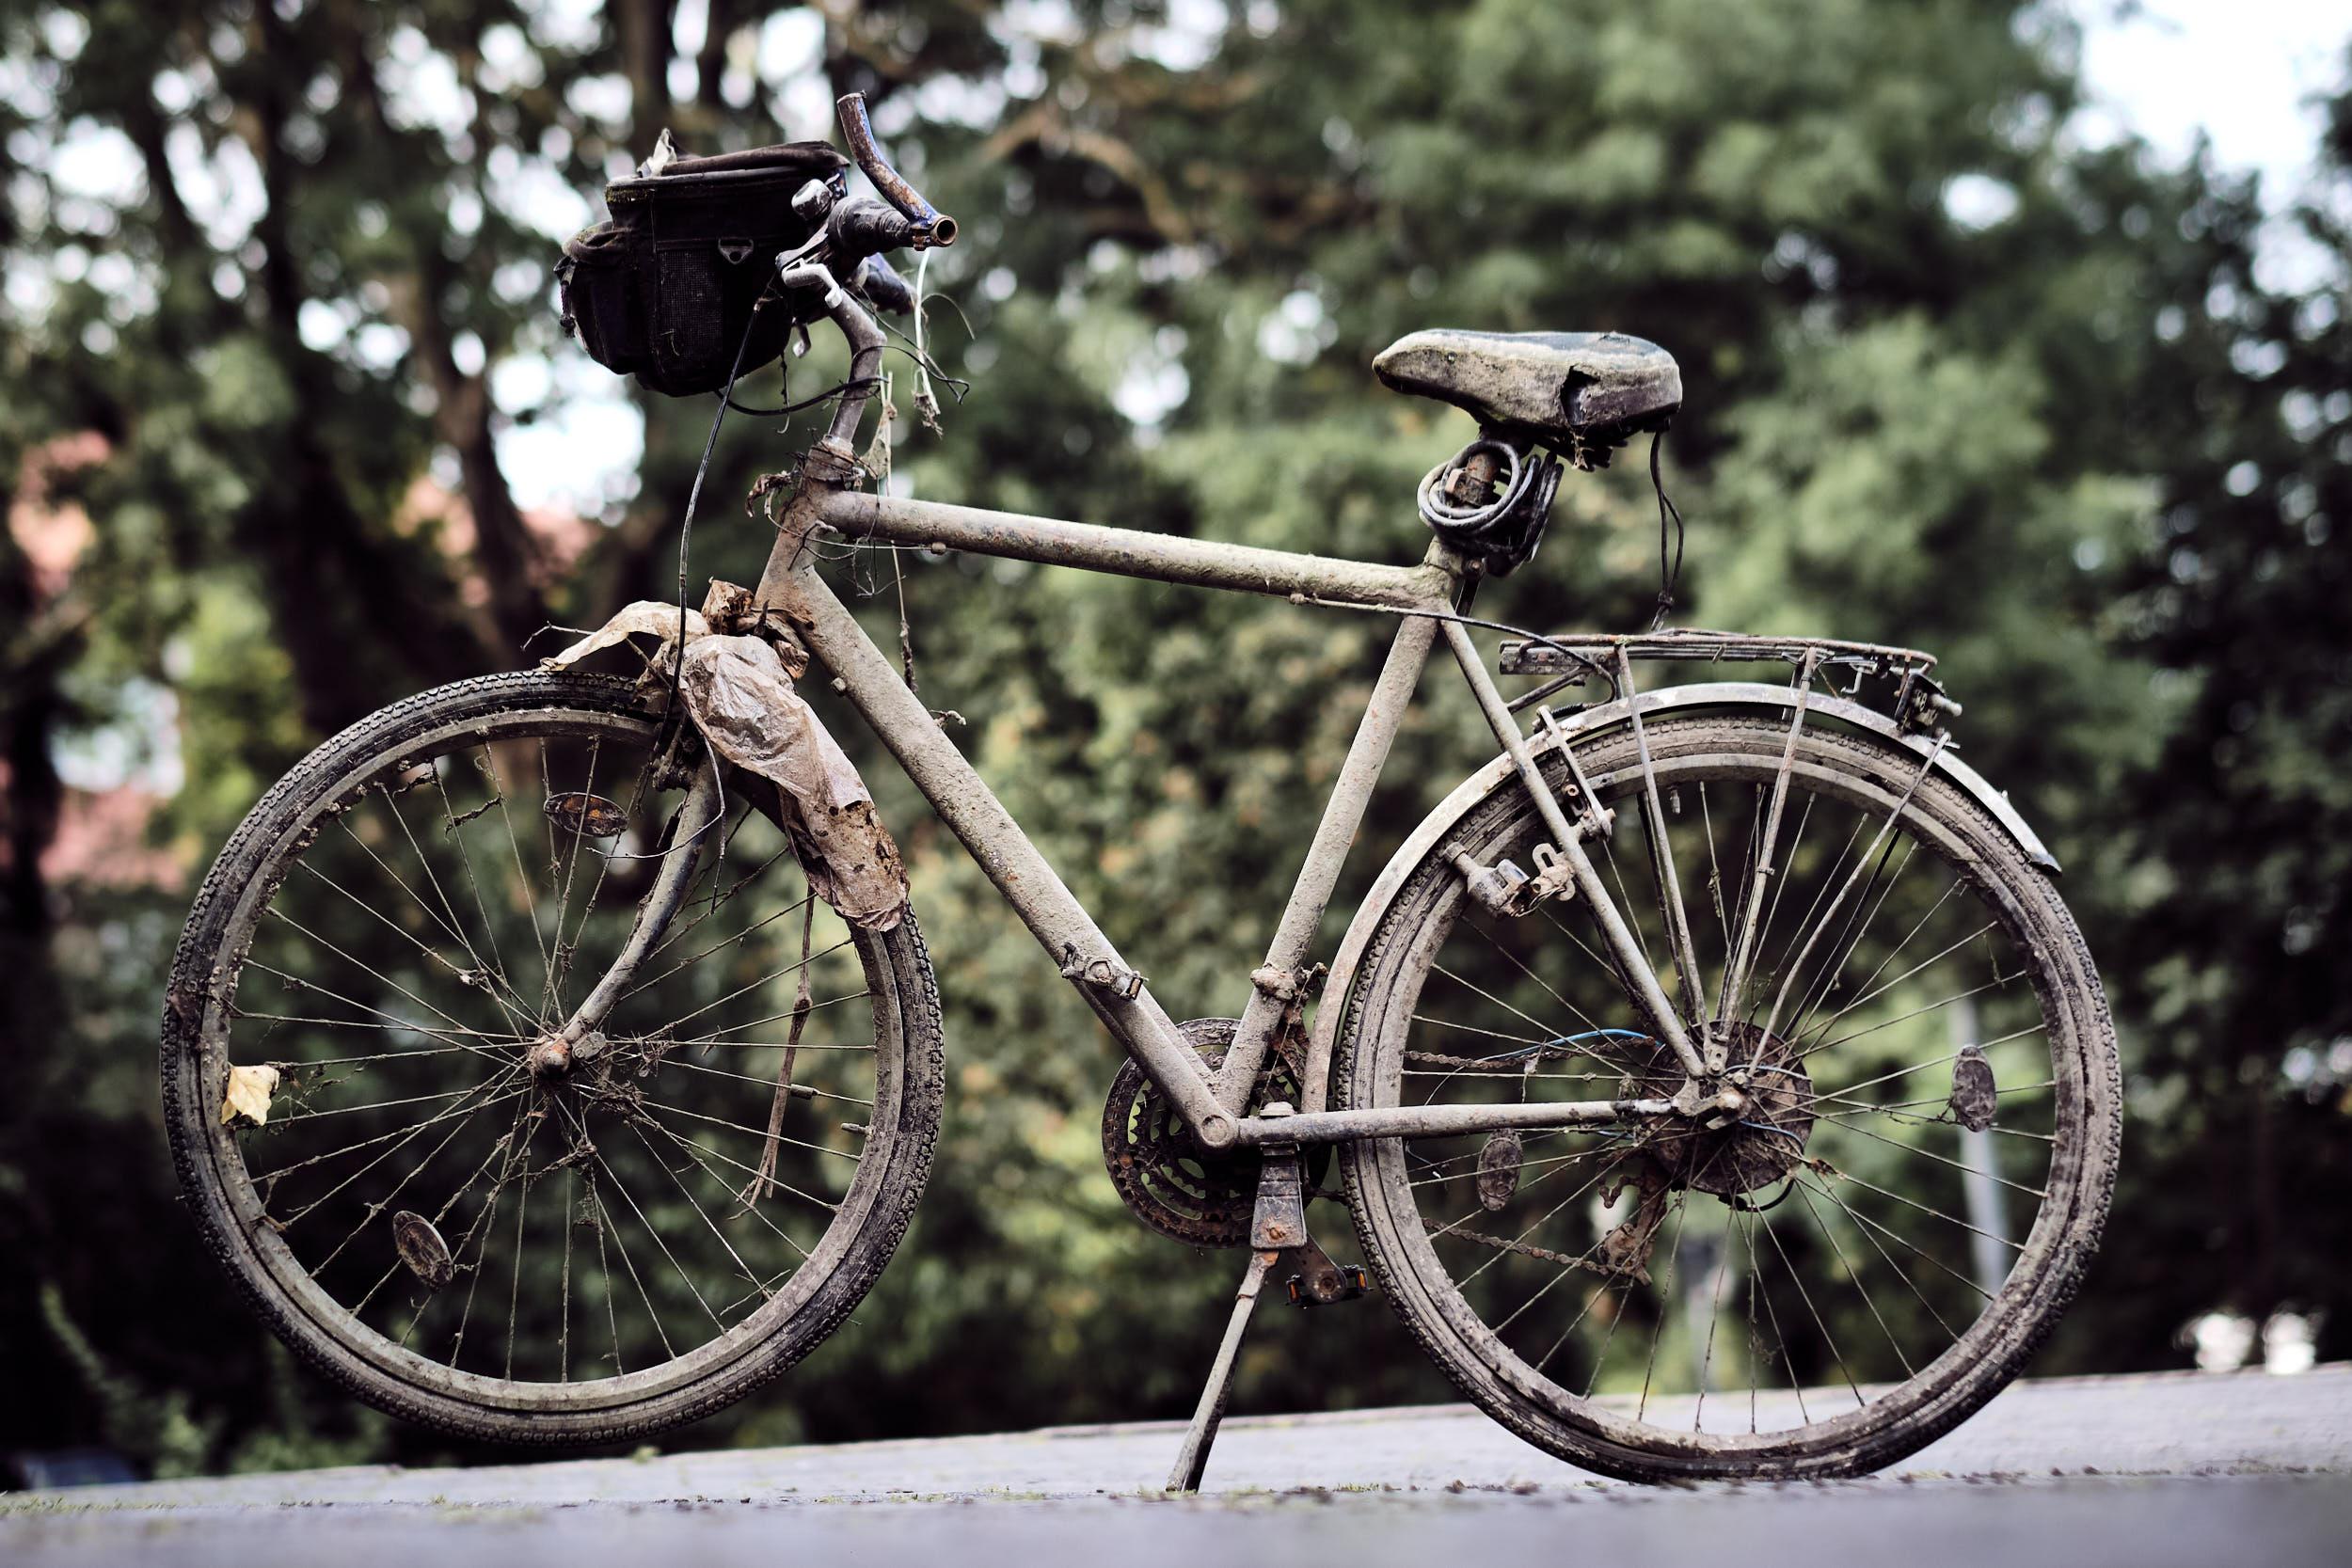 Fahrrad nach Wochen im Wasser